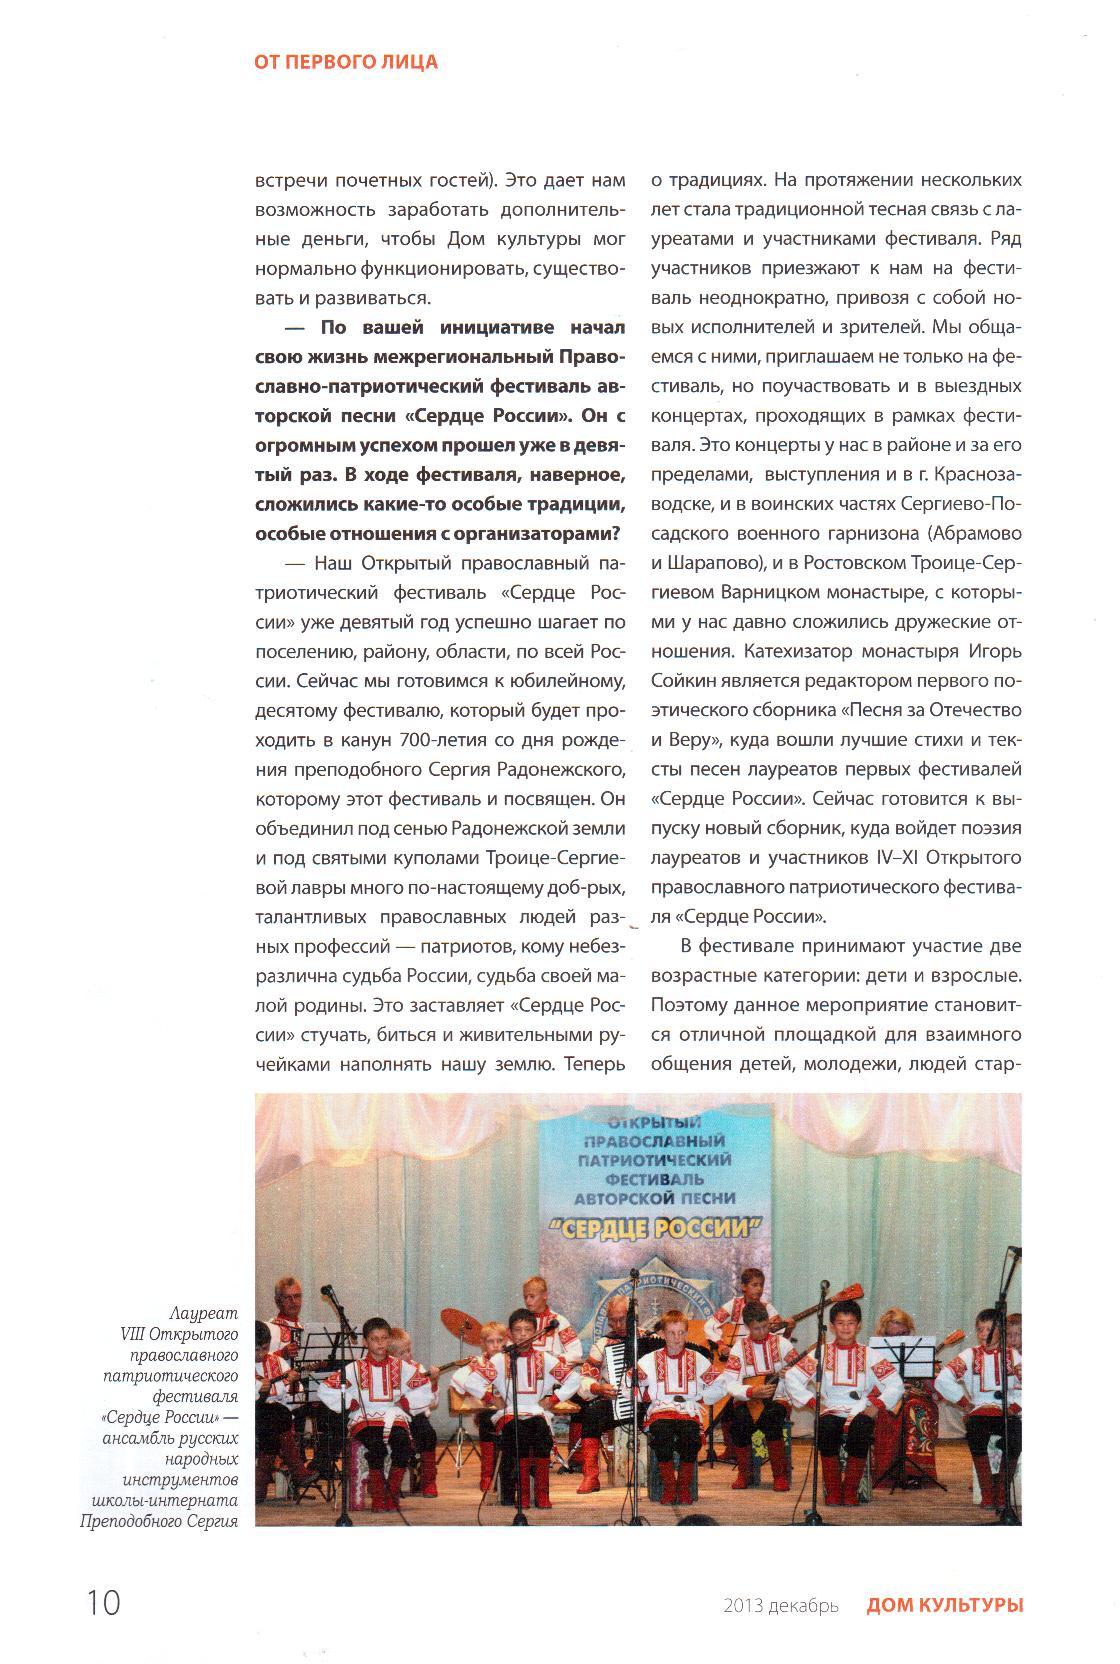 Статья_3стр. сайт.jpg